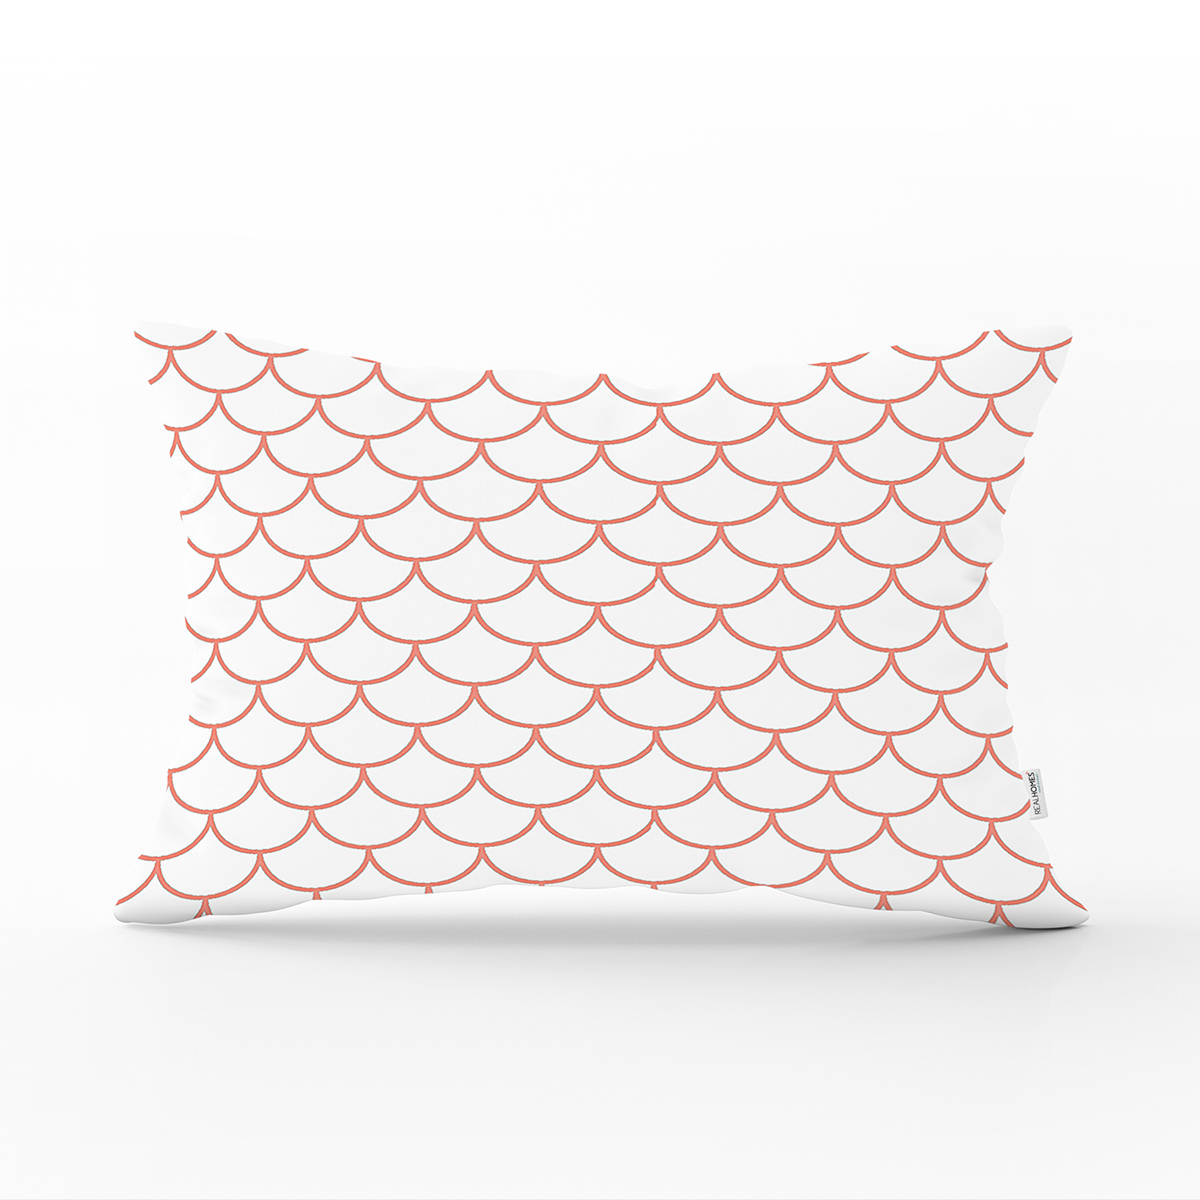 Mürdüm Renkli Geometrik Desenli Dijital Bakılılı Dikdörtgen Yastık Kılıfı Realhomes